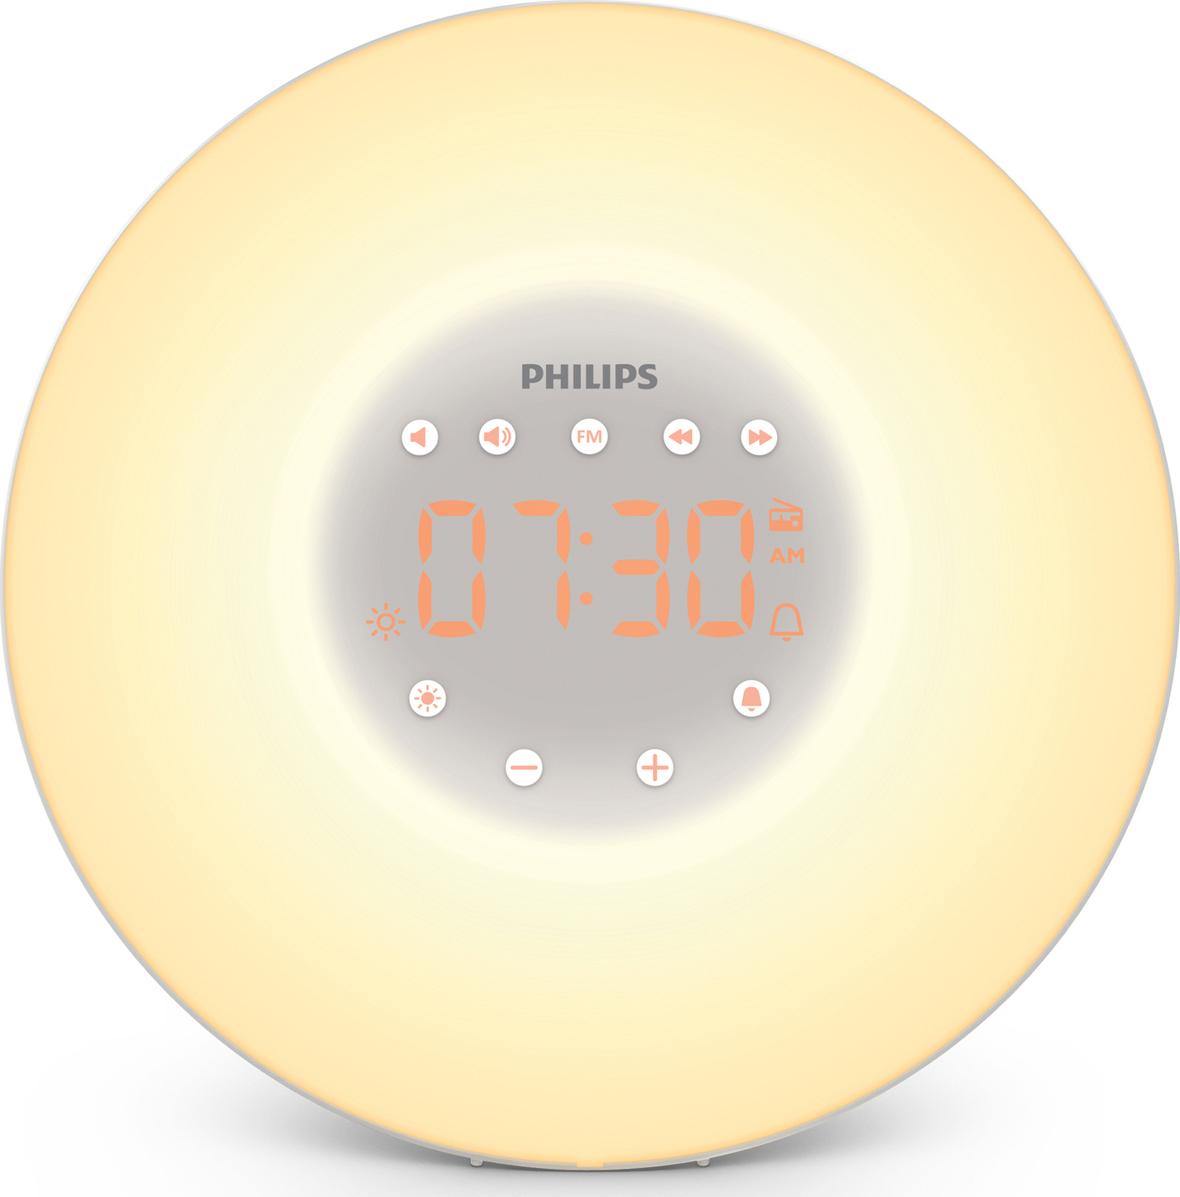 Радио-будильник Philips philips hf3520 70 wake up light световой будильник